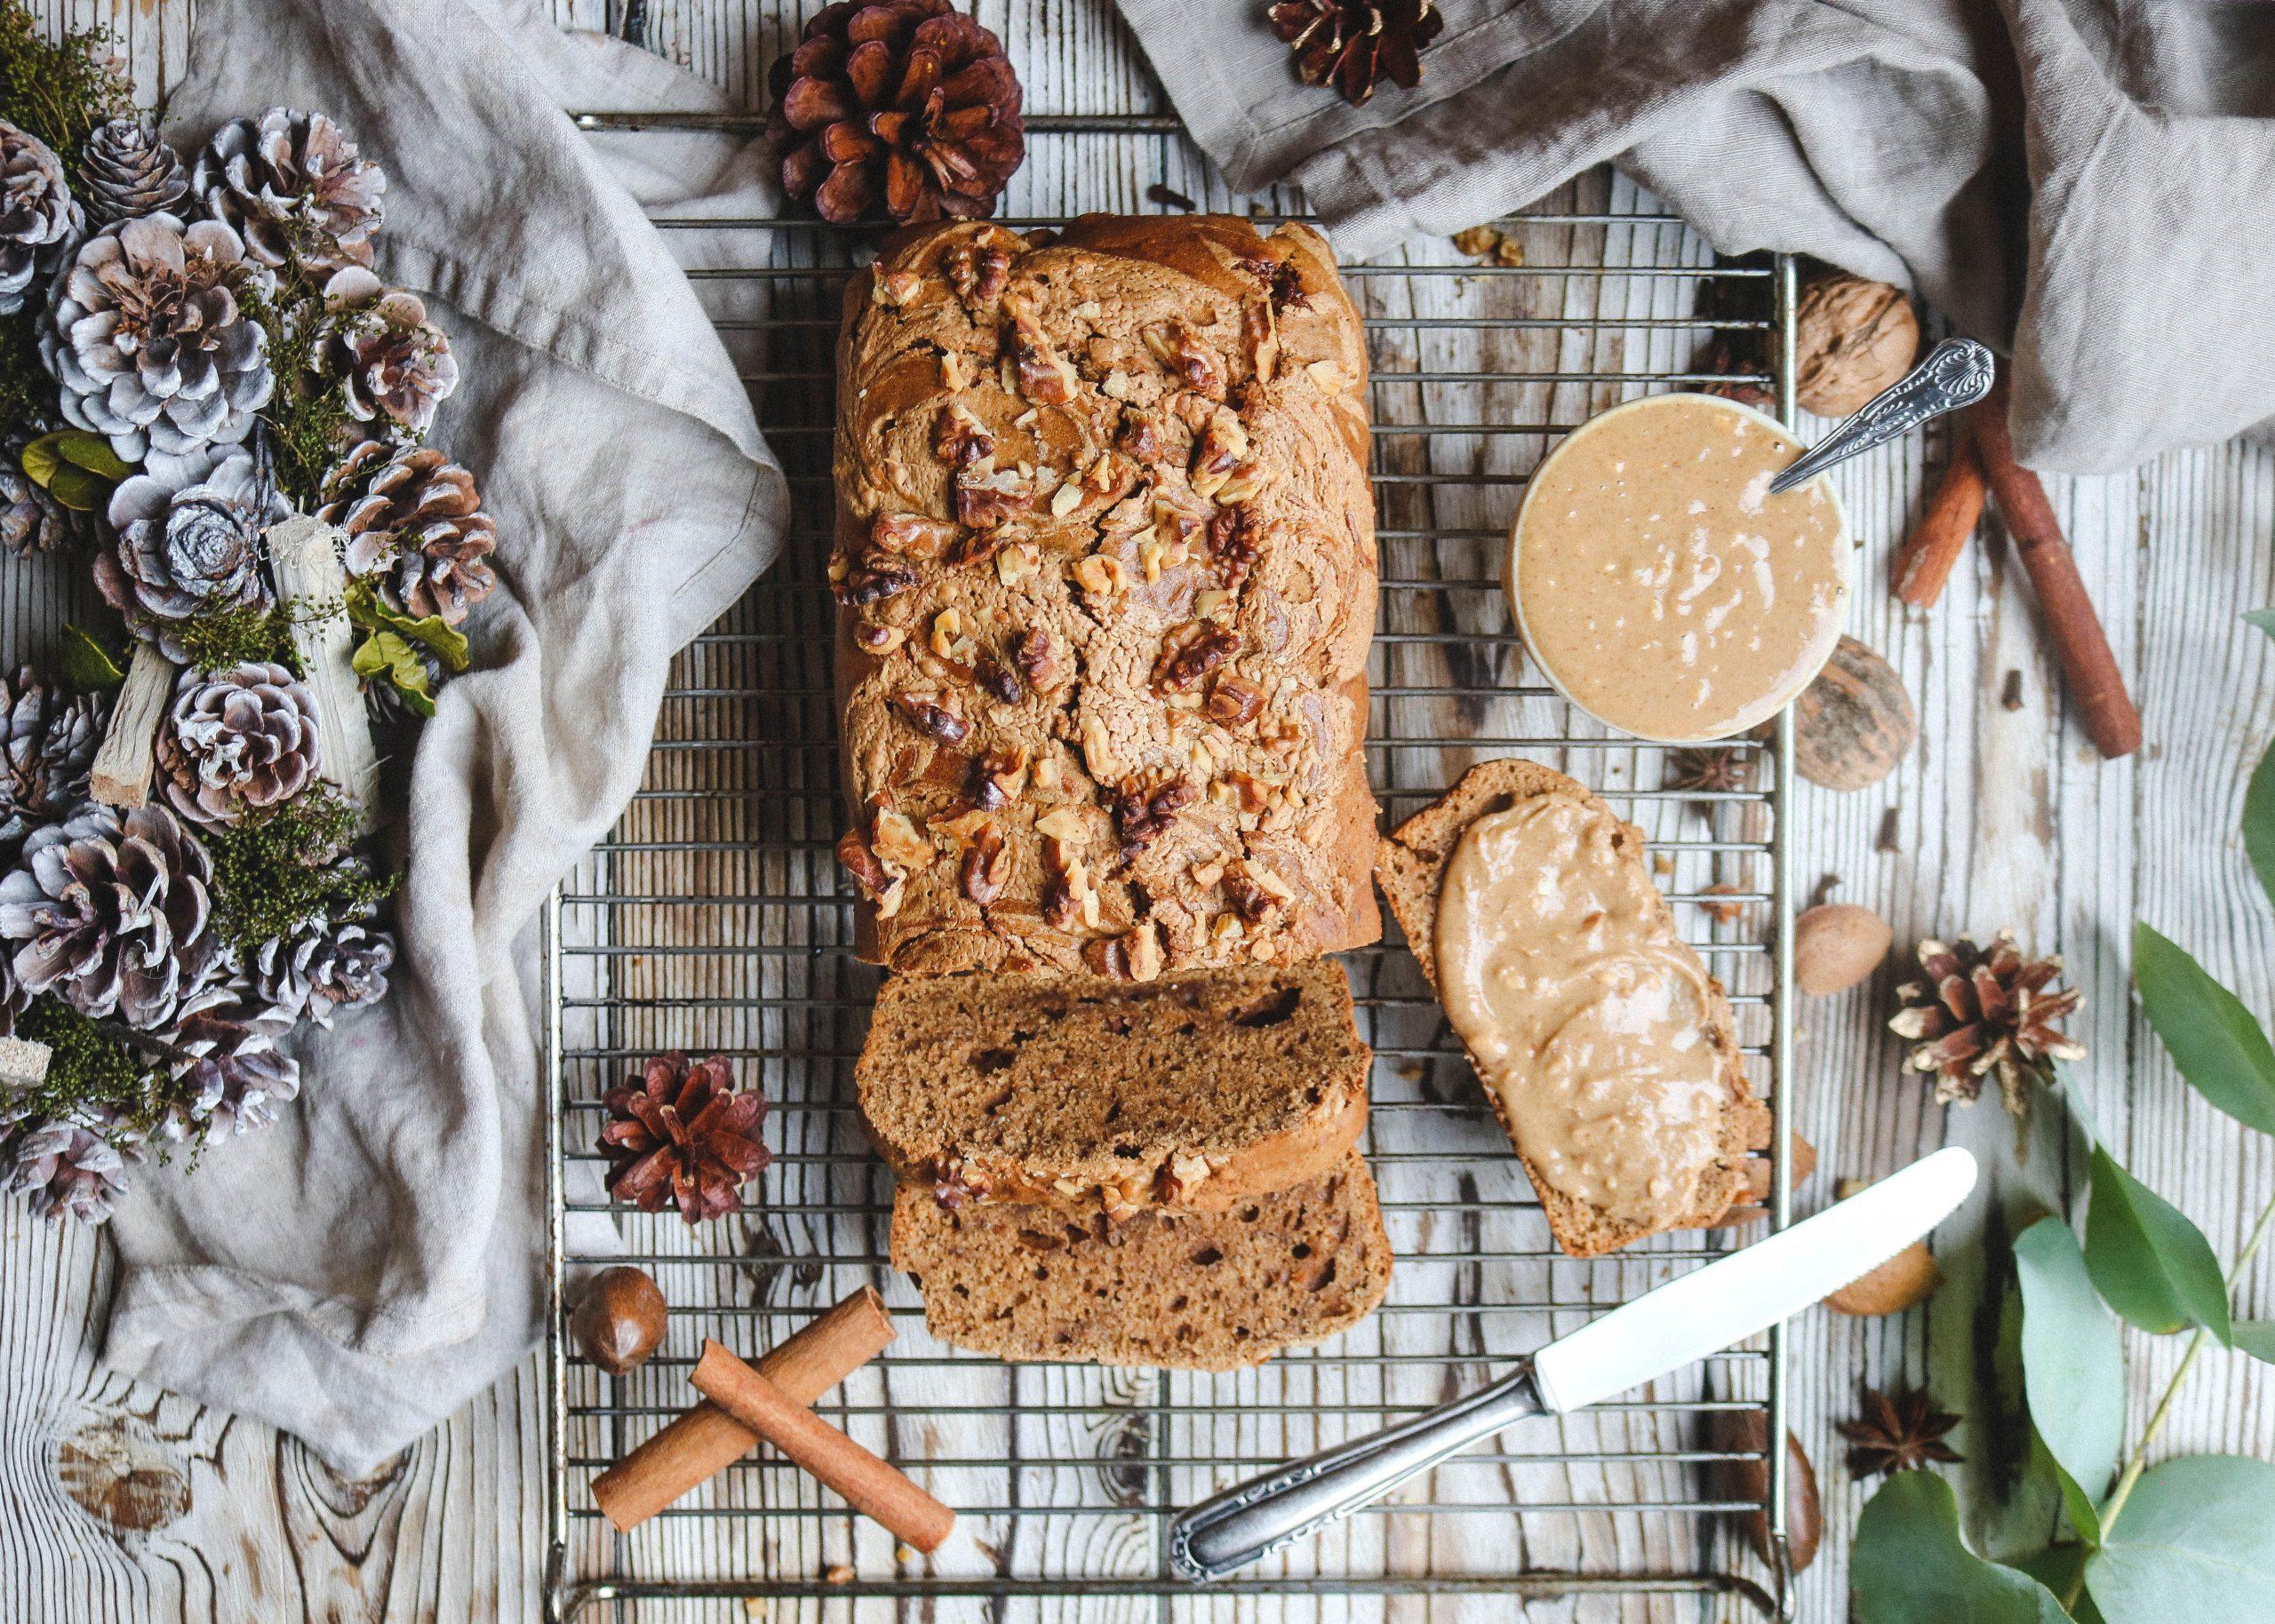 Ginger bread & Peanut Butter Loaf